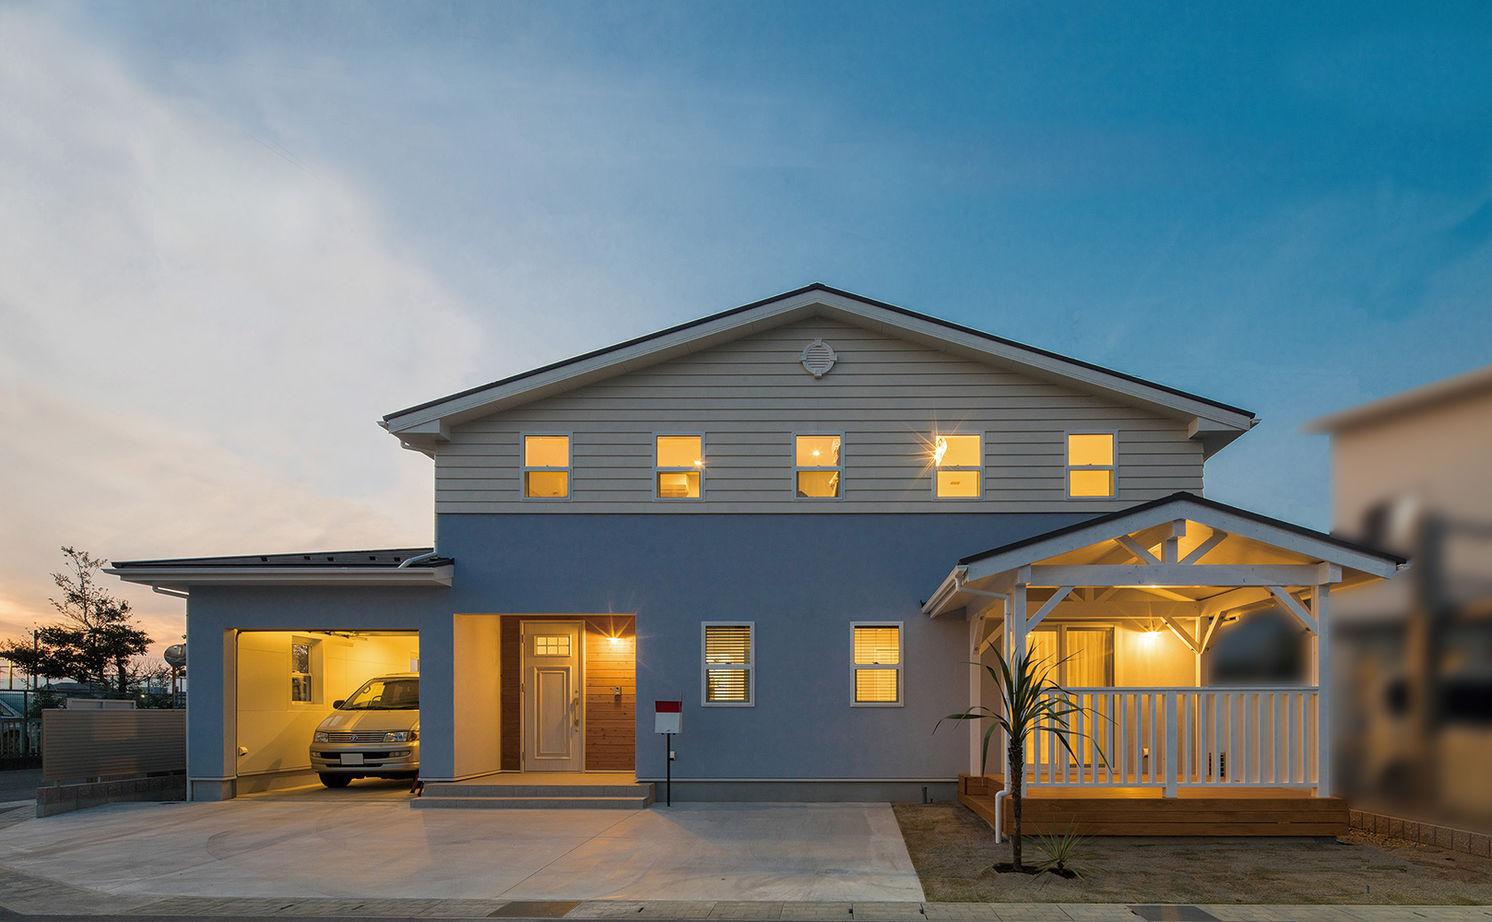 【滋賀県近江八幡市×2000万~2500万円】毎日の暮らしが楽しくなる、ビルトインガレージのある家。画像1